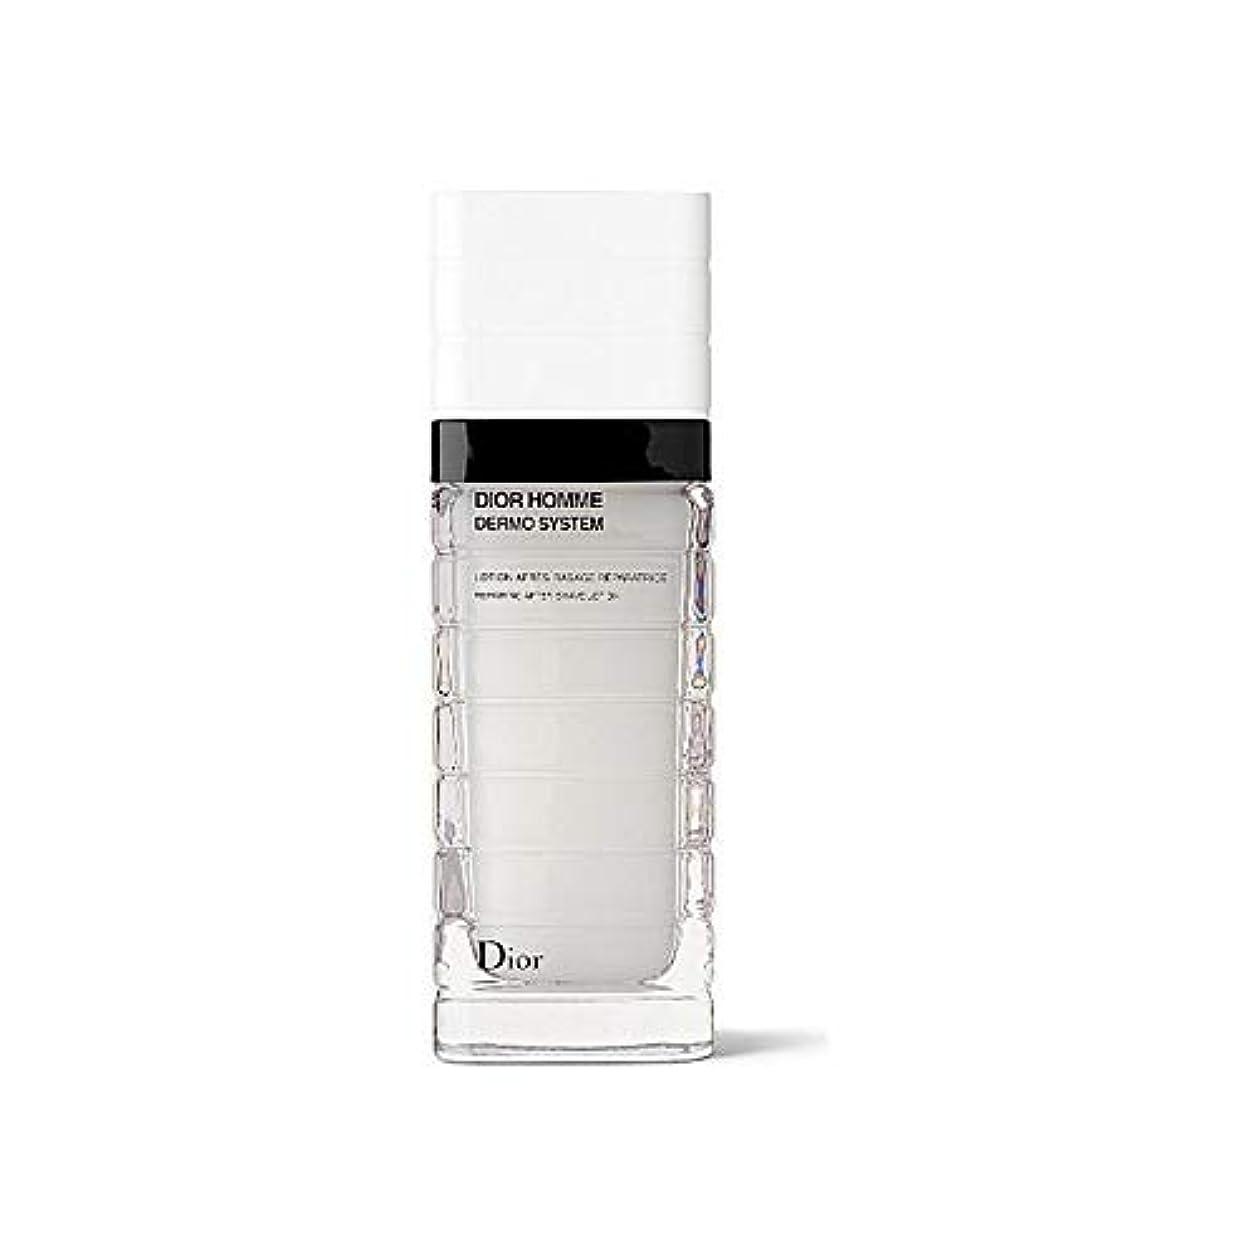 リフトアルバムコーラス[Dior] ディオールの真皮システムなだめるようなローション100ミリリットル - Dior Dermo System Soothing Lotion 100ml [並行輸入品]